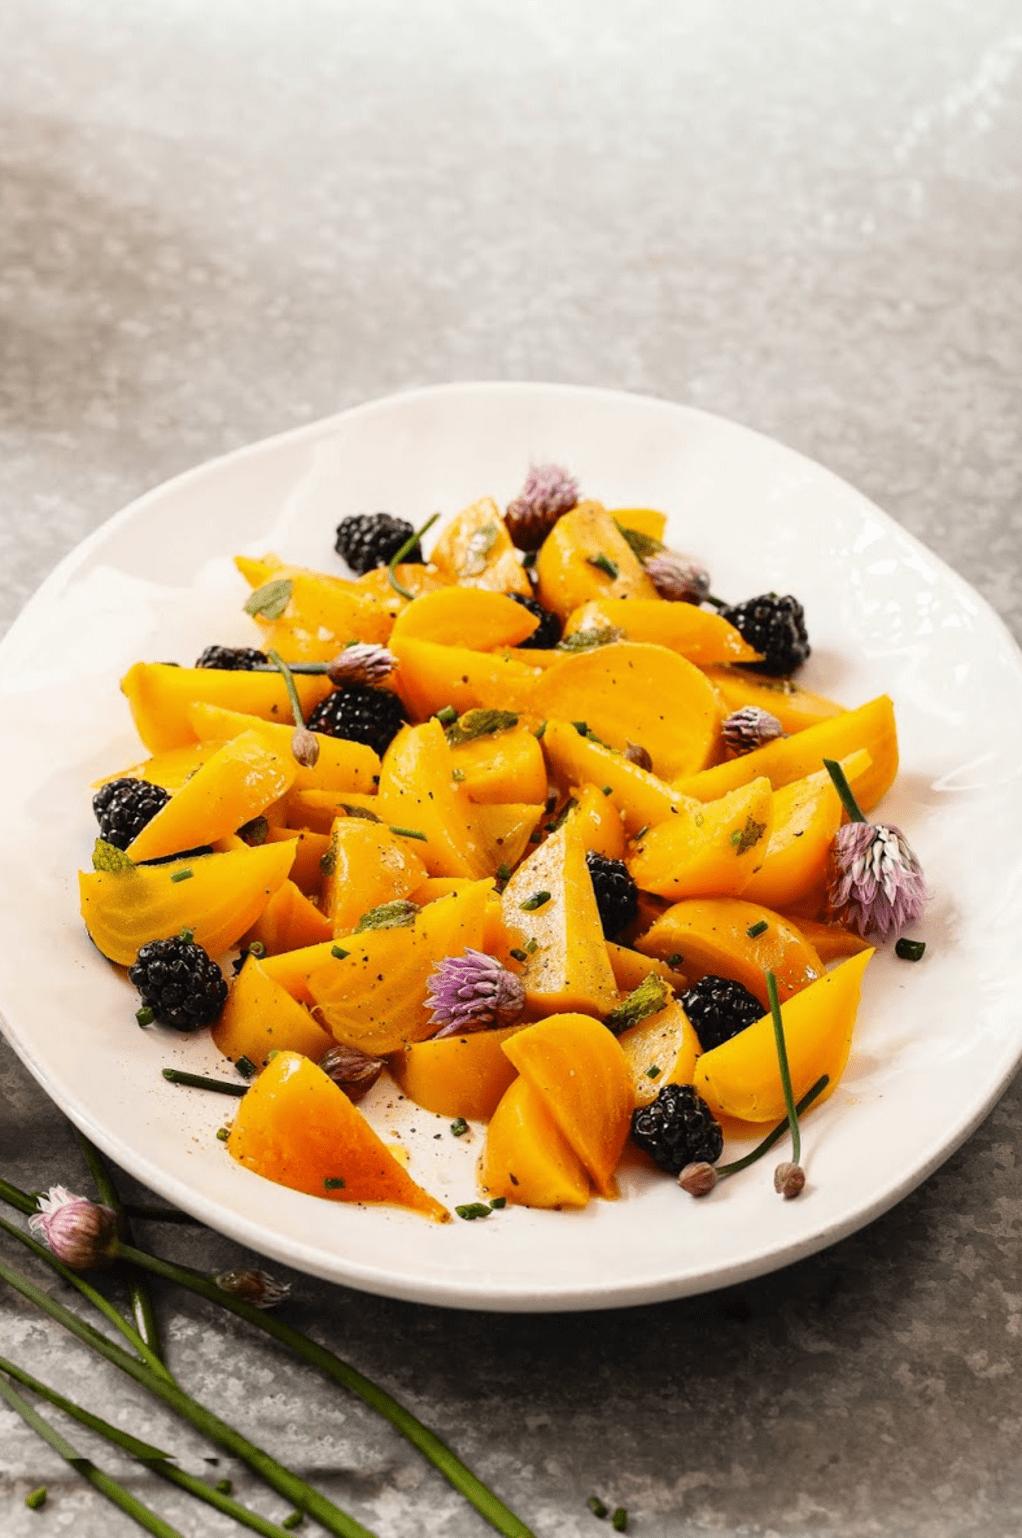 Golden Beet Salad Recipe With Blackberries Beet Salad Recipes Beet Recipes Golden Beets Salad